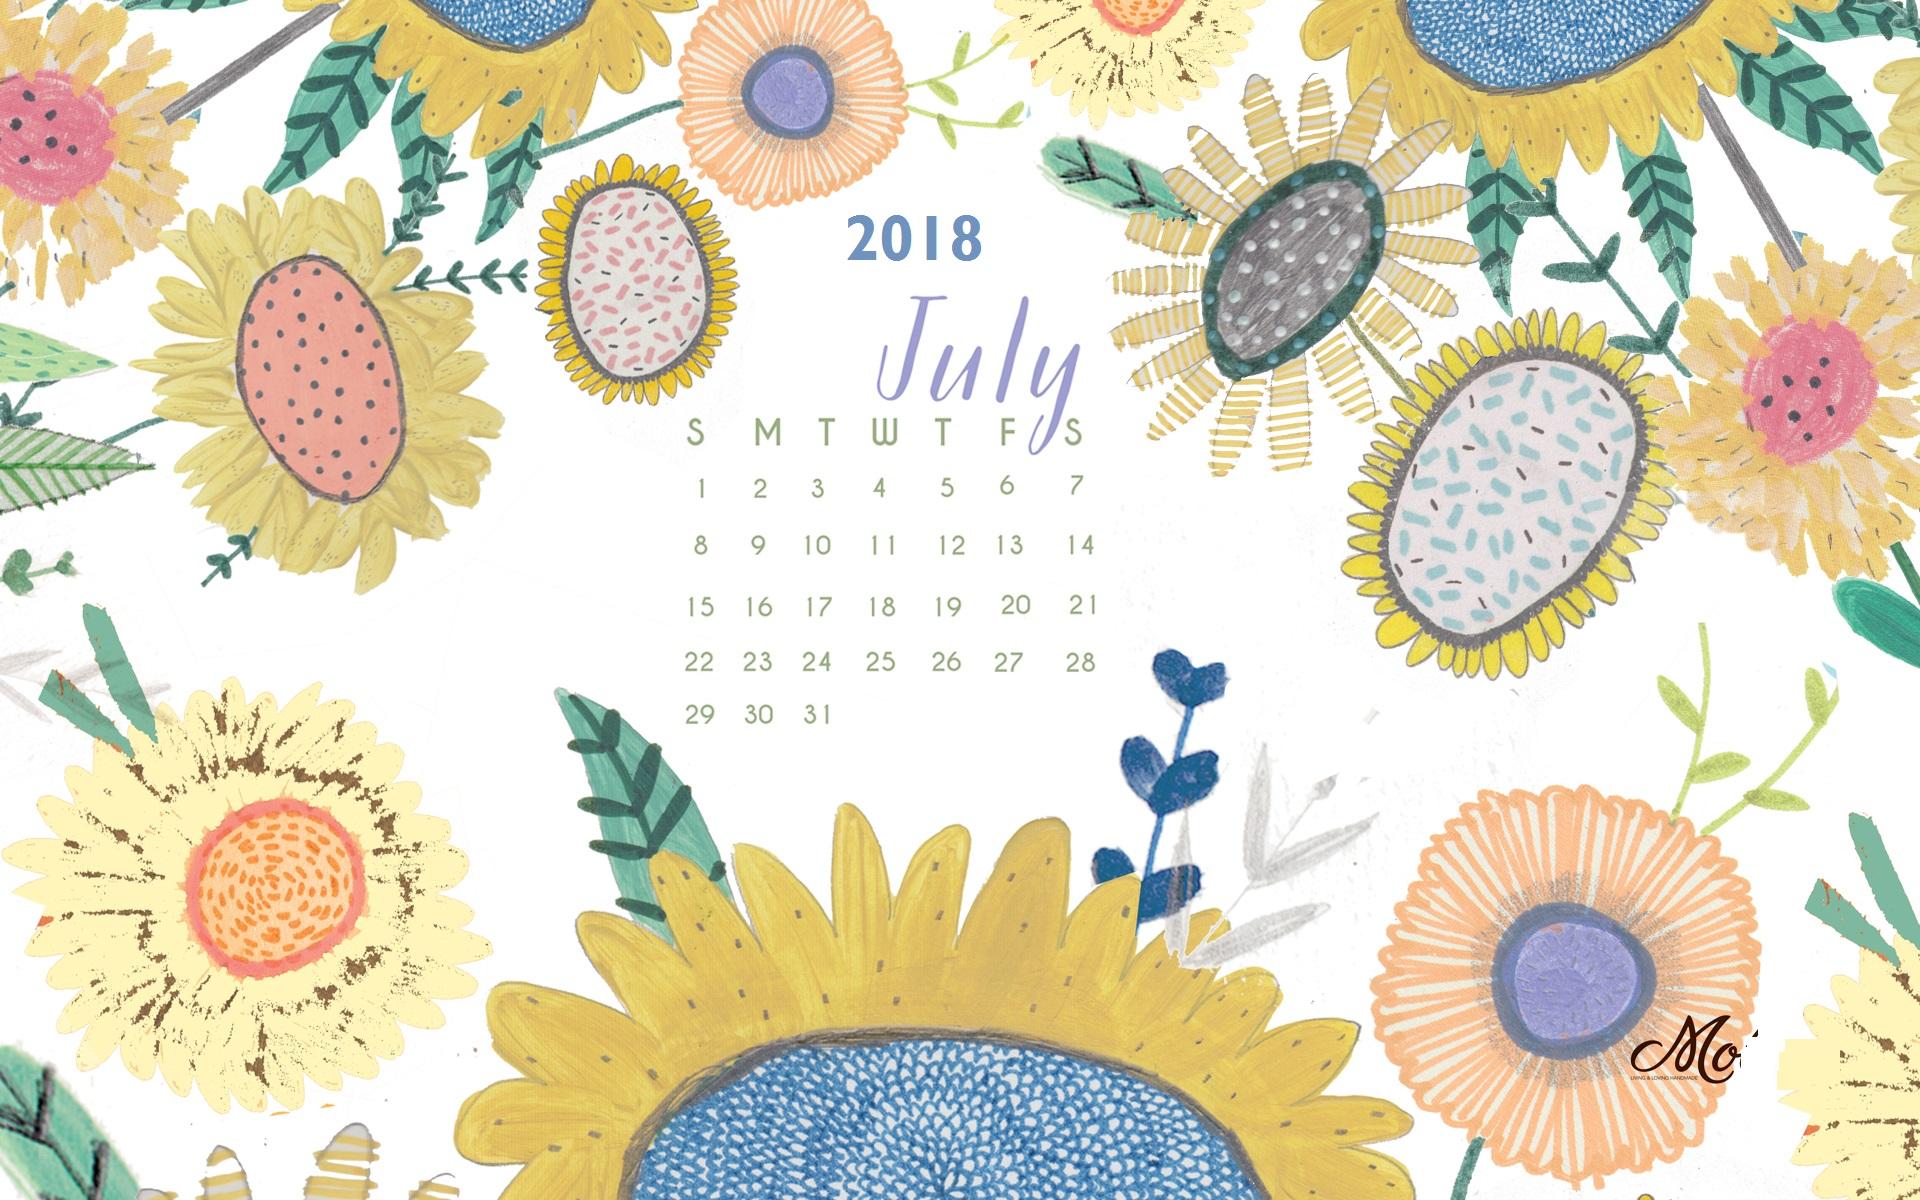 July 2018 HD Wallpaper Calendar Calendar 2019 1920x1200